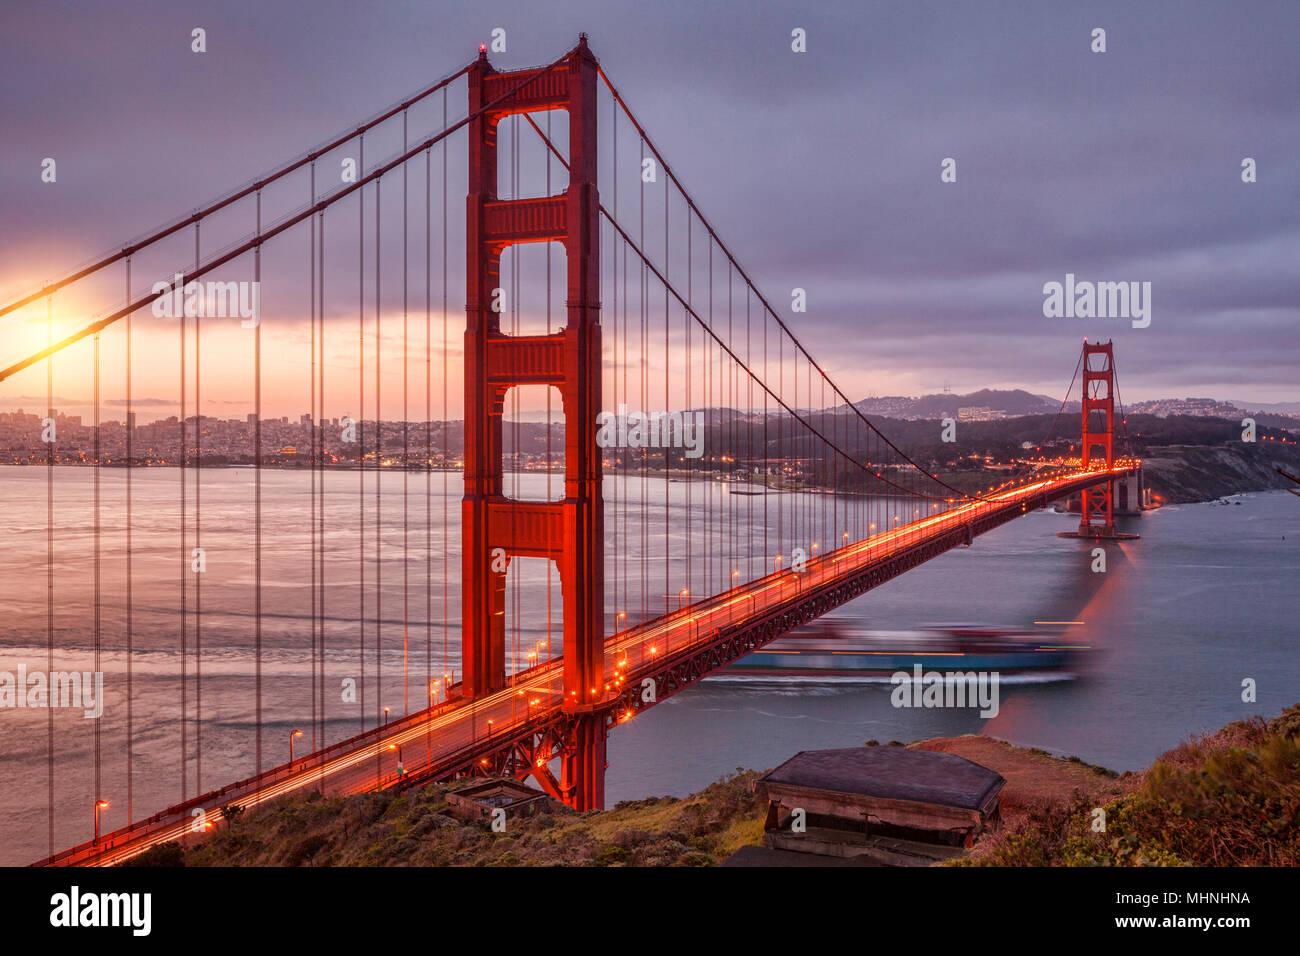 El Puente Golden Gate, San Francisco, desde la batería Spencer al amanecer, con el tráfico en el puente y un buque portacontenedores navegando por la bahía. Imagen De Stock